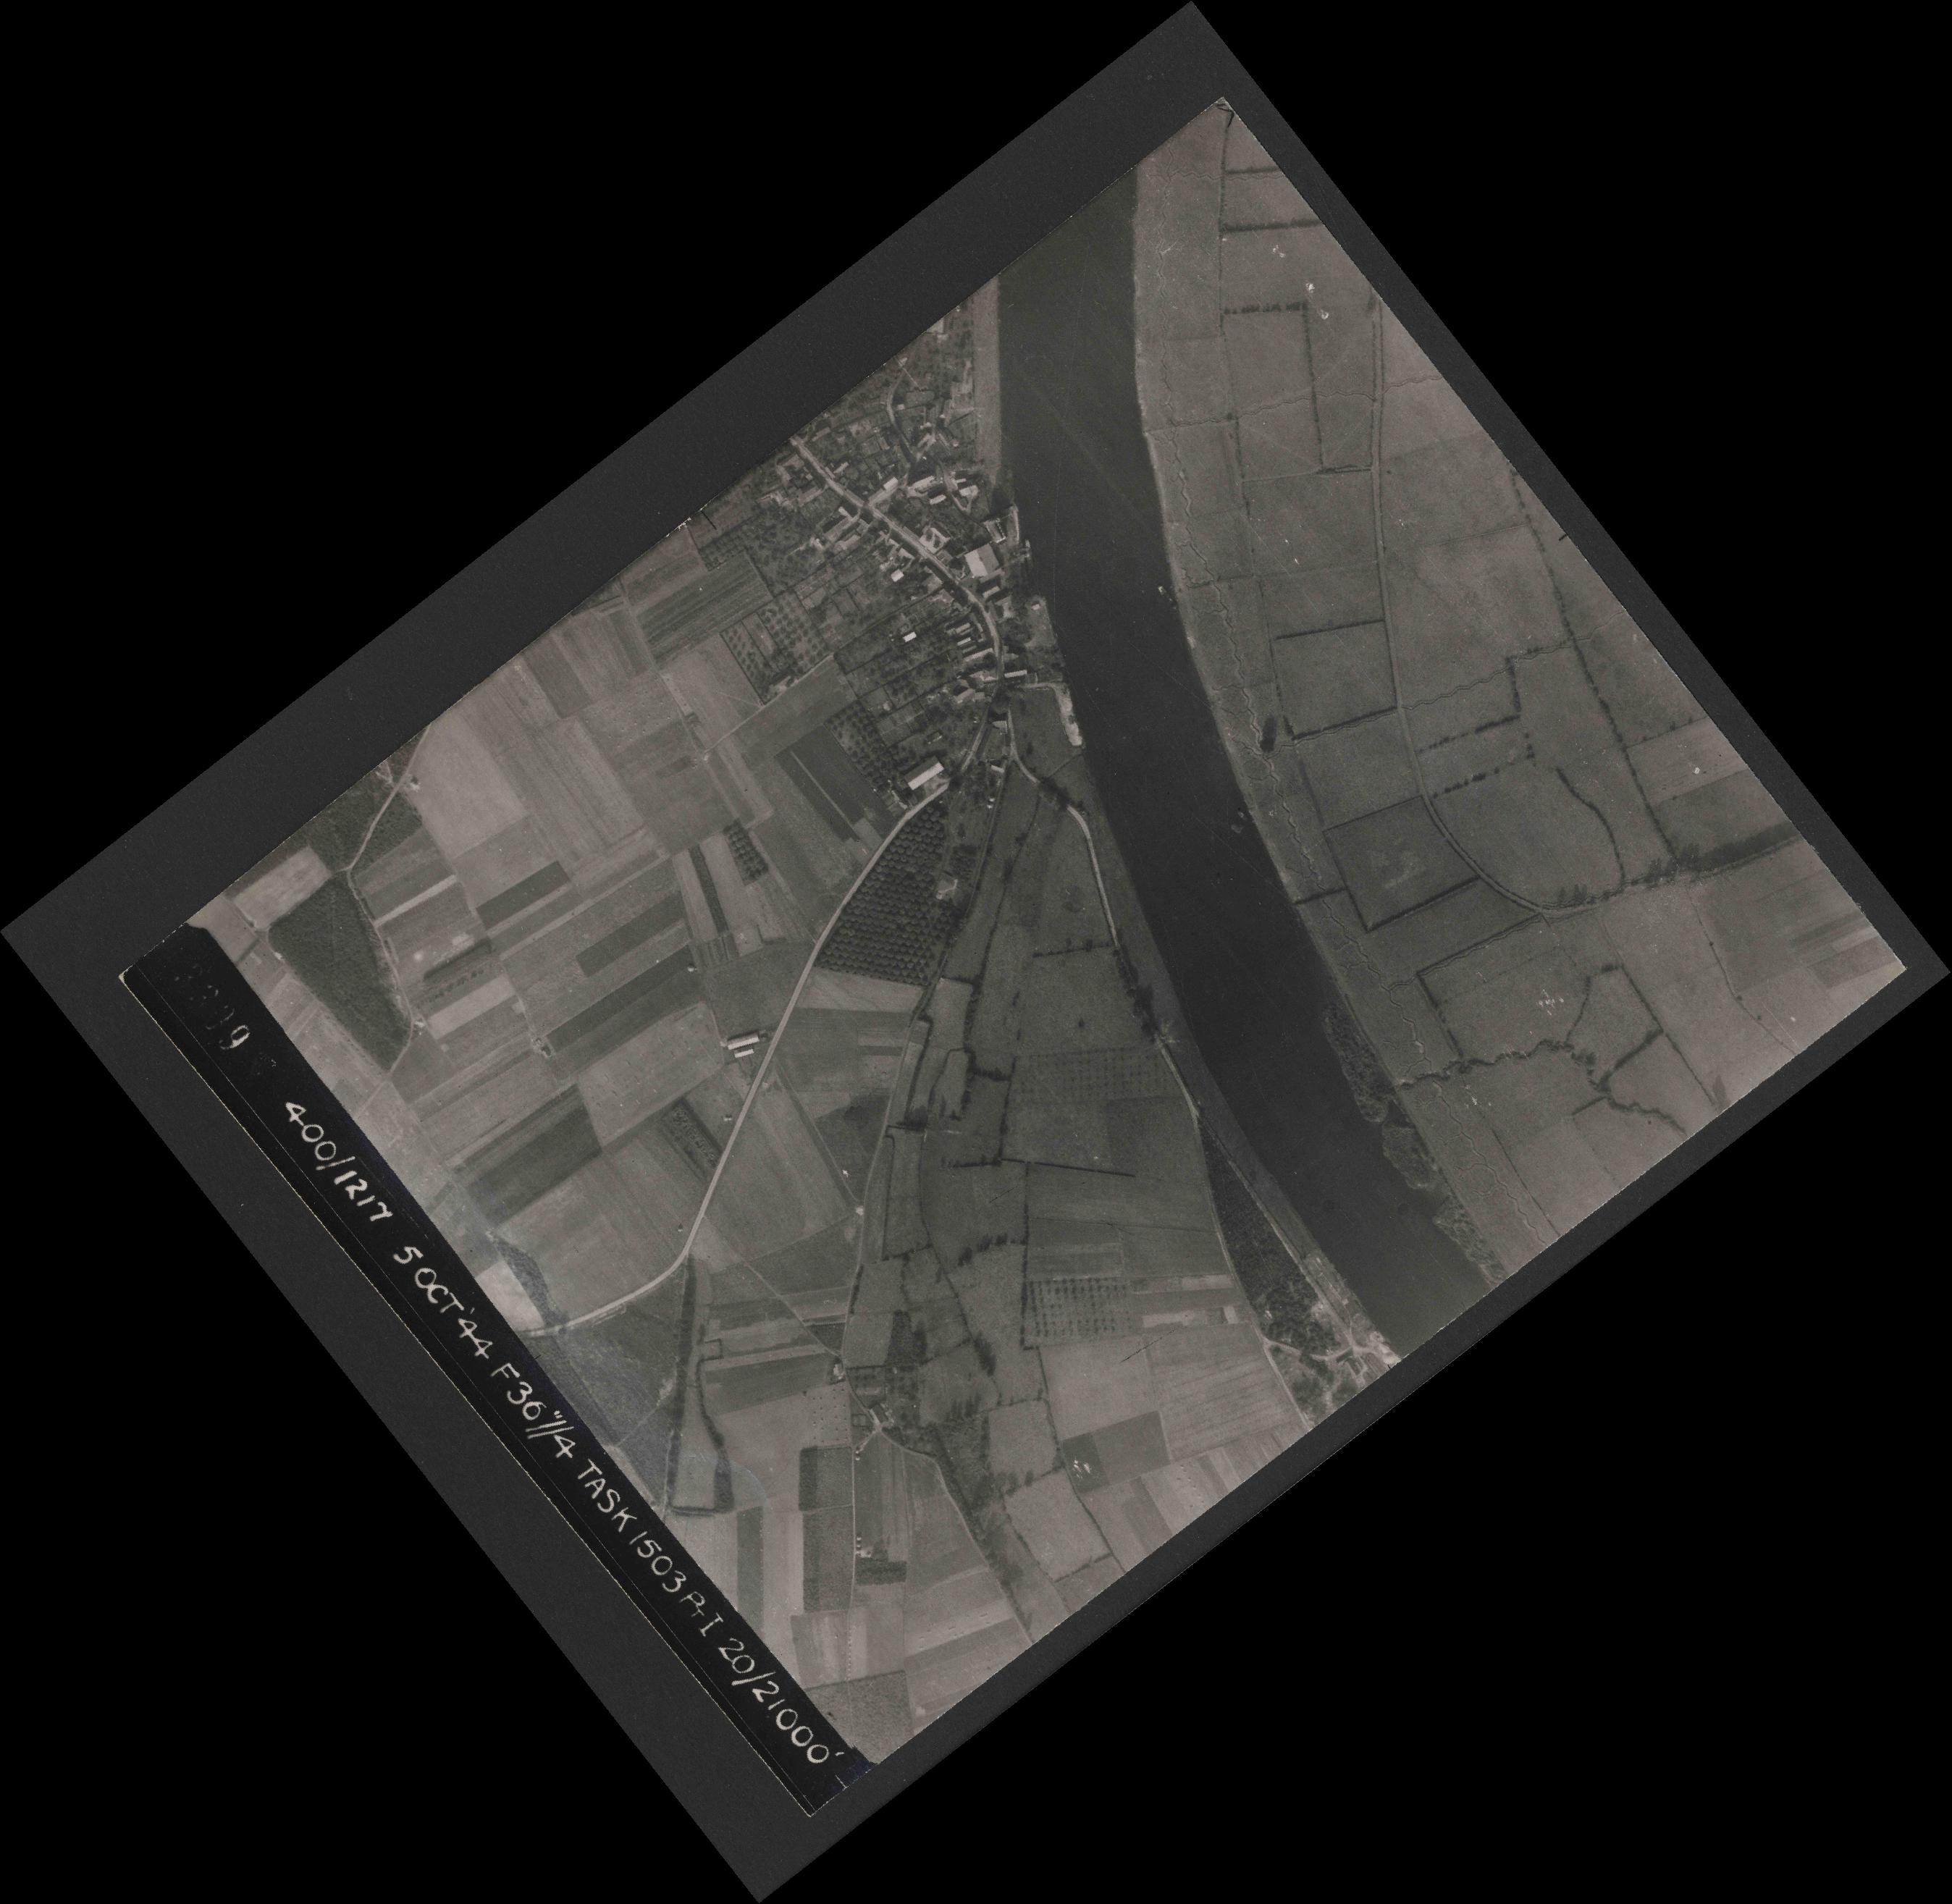 Collection RAF aerial photos 1940-1945 - flight 316, run 12, photo 3309